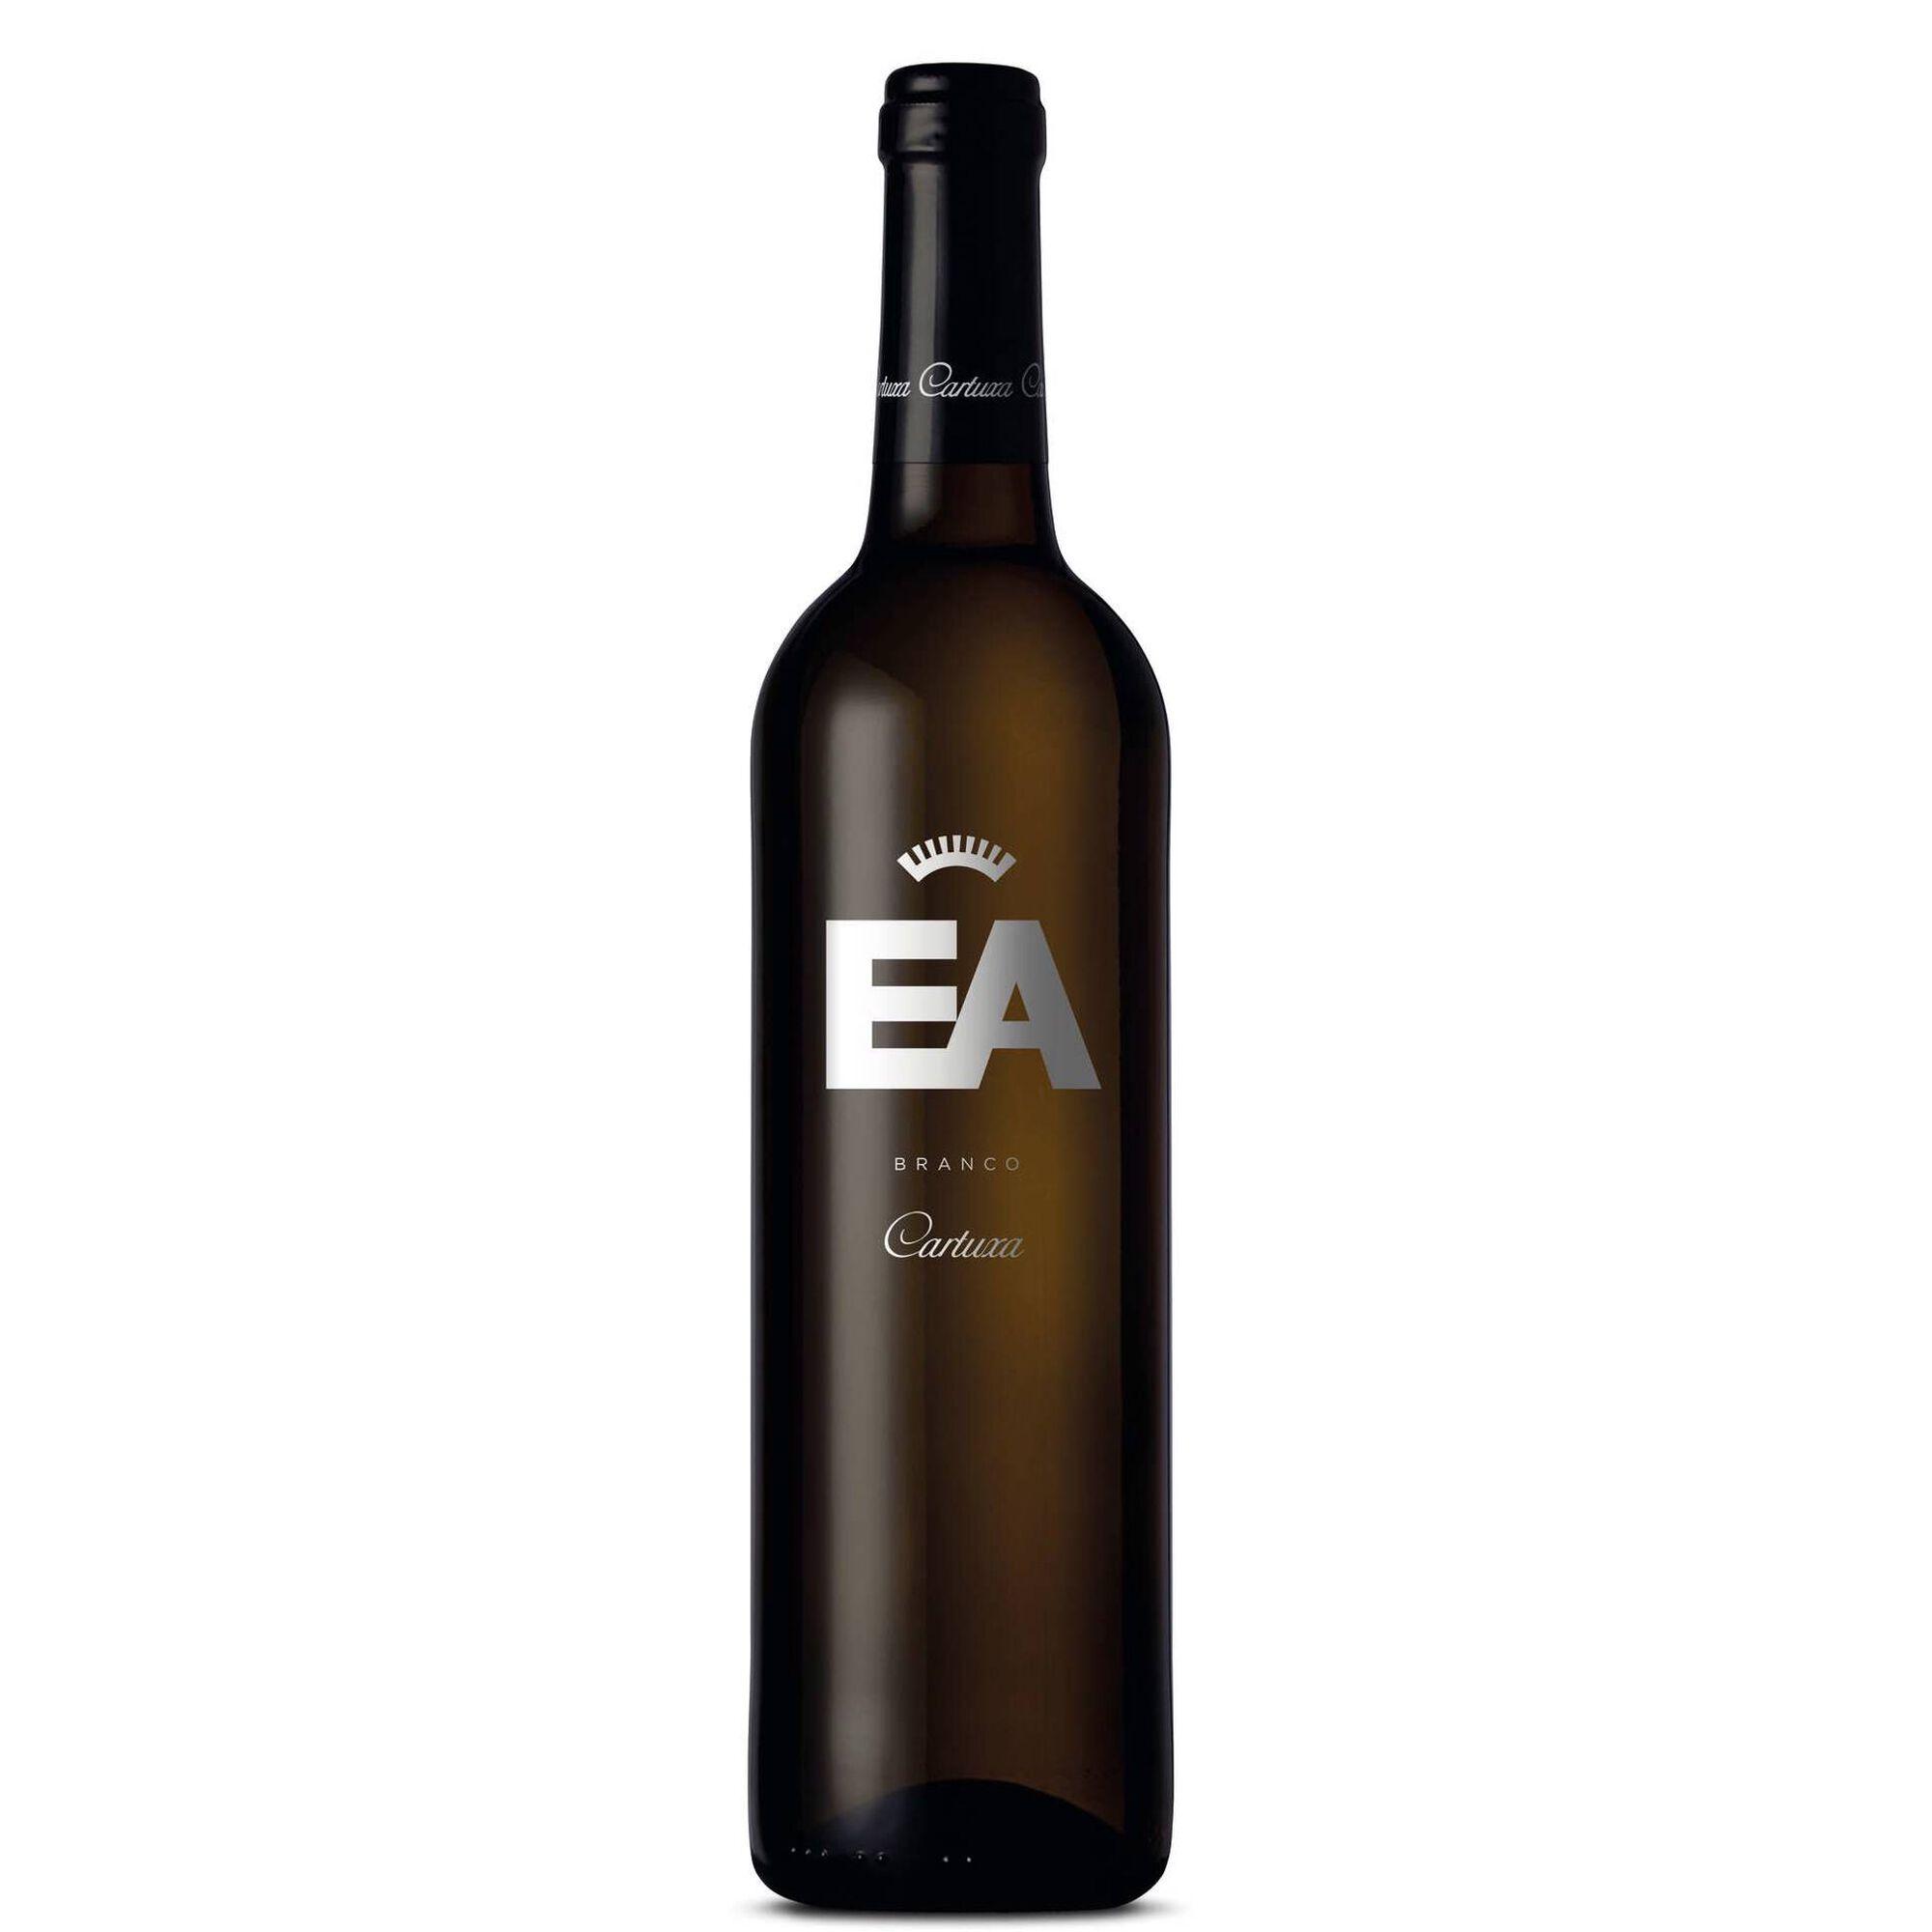 EA Regional Alentejano Vinho Branco